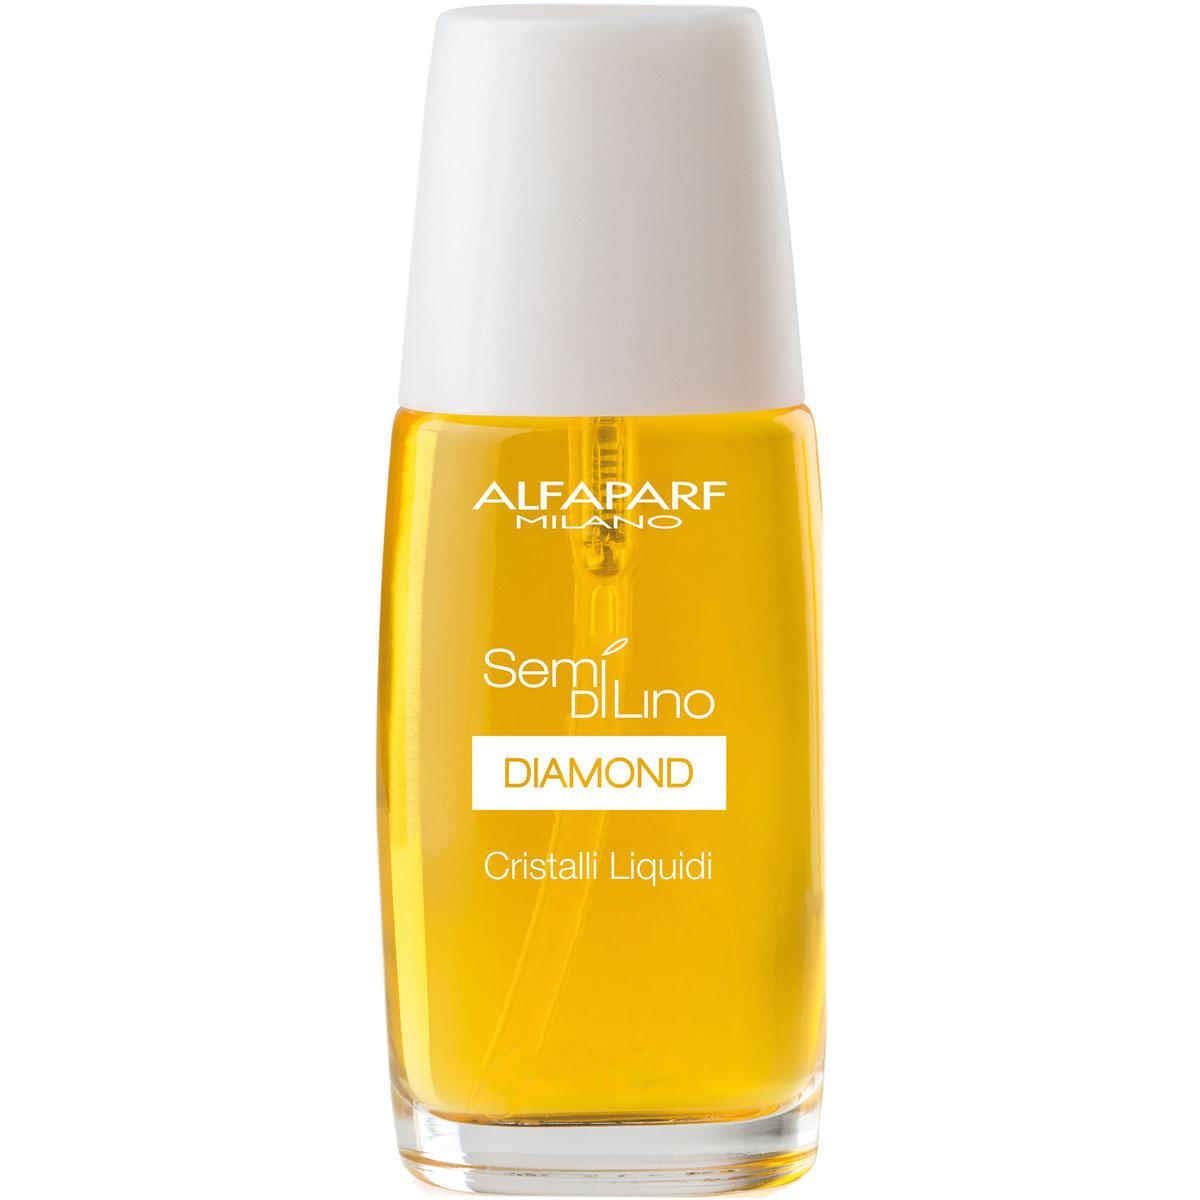 Alfaparf Масло для посеченных кончиков волос, придающее блеск Semi Di Lino Diamond Cristalli Liquidi 30 мл